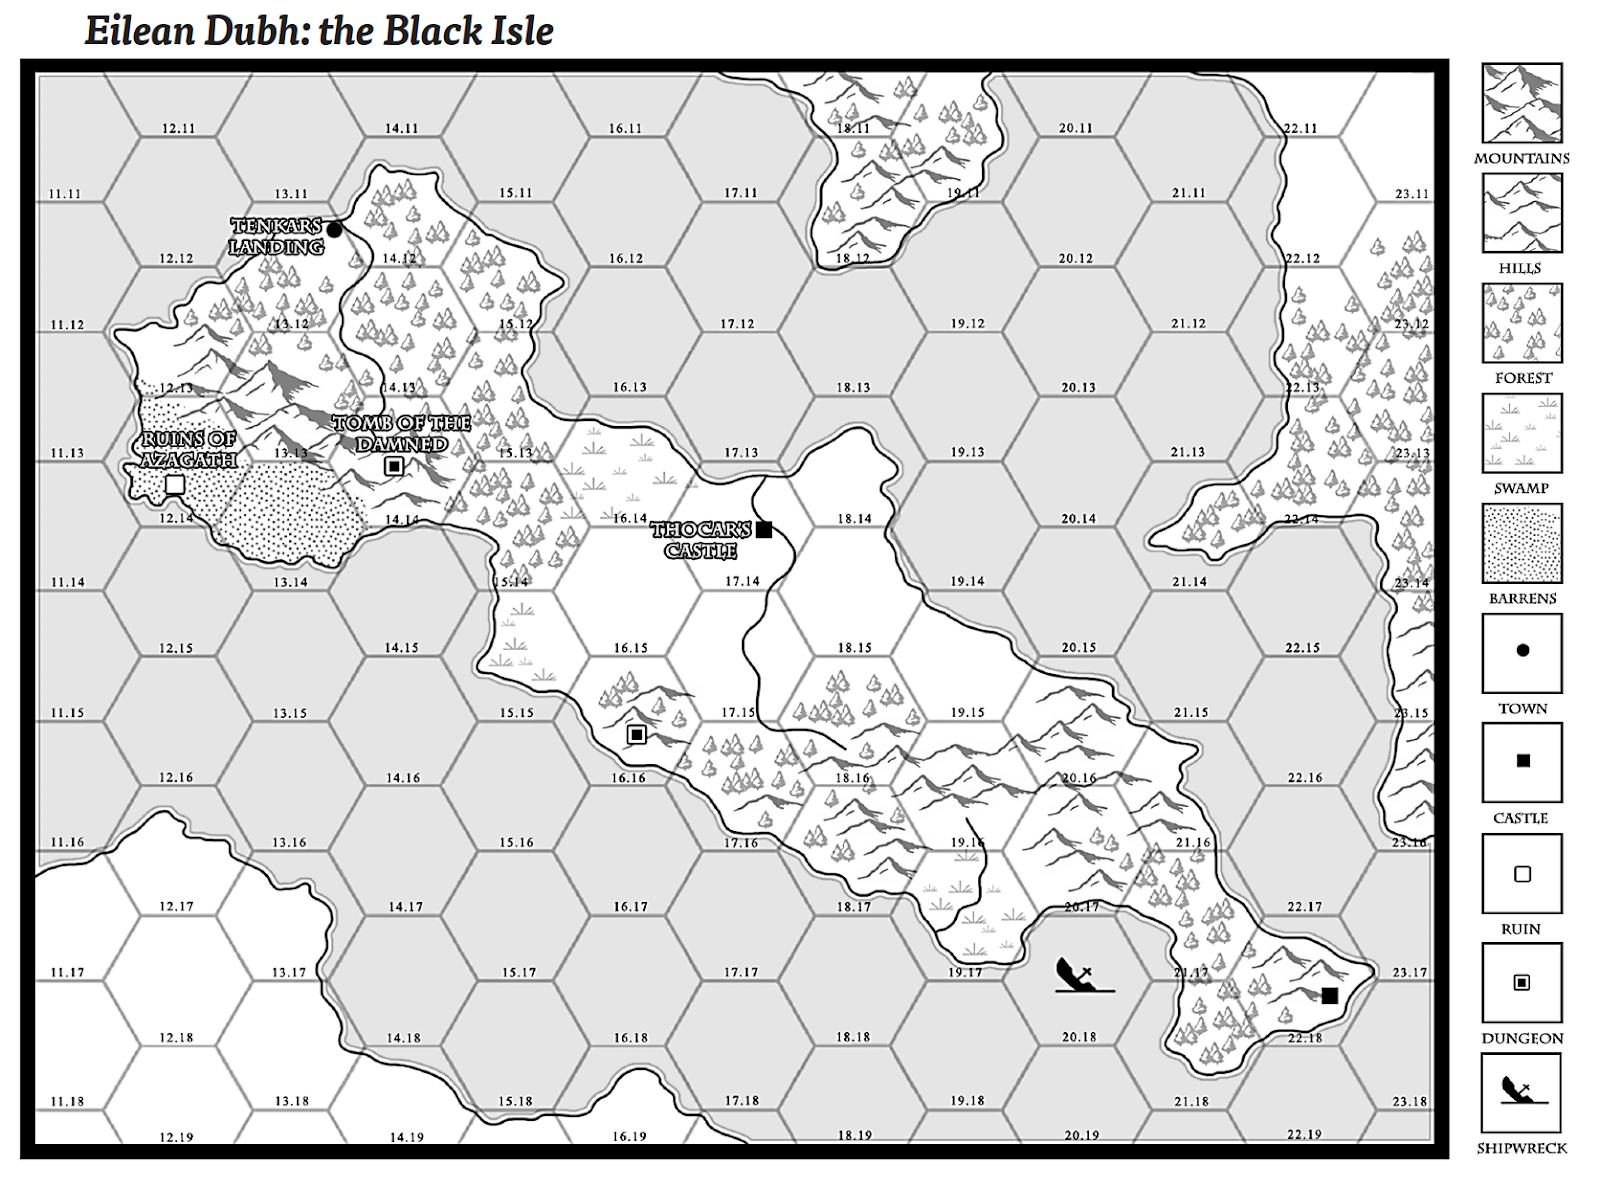 The Gazetteer to Eilean Dubh: The Black Isle